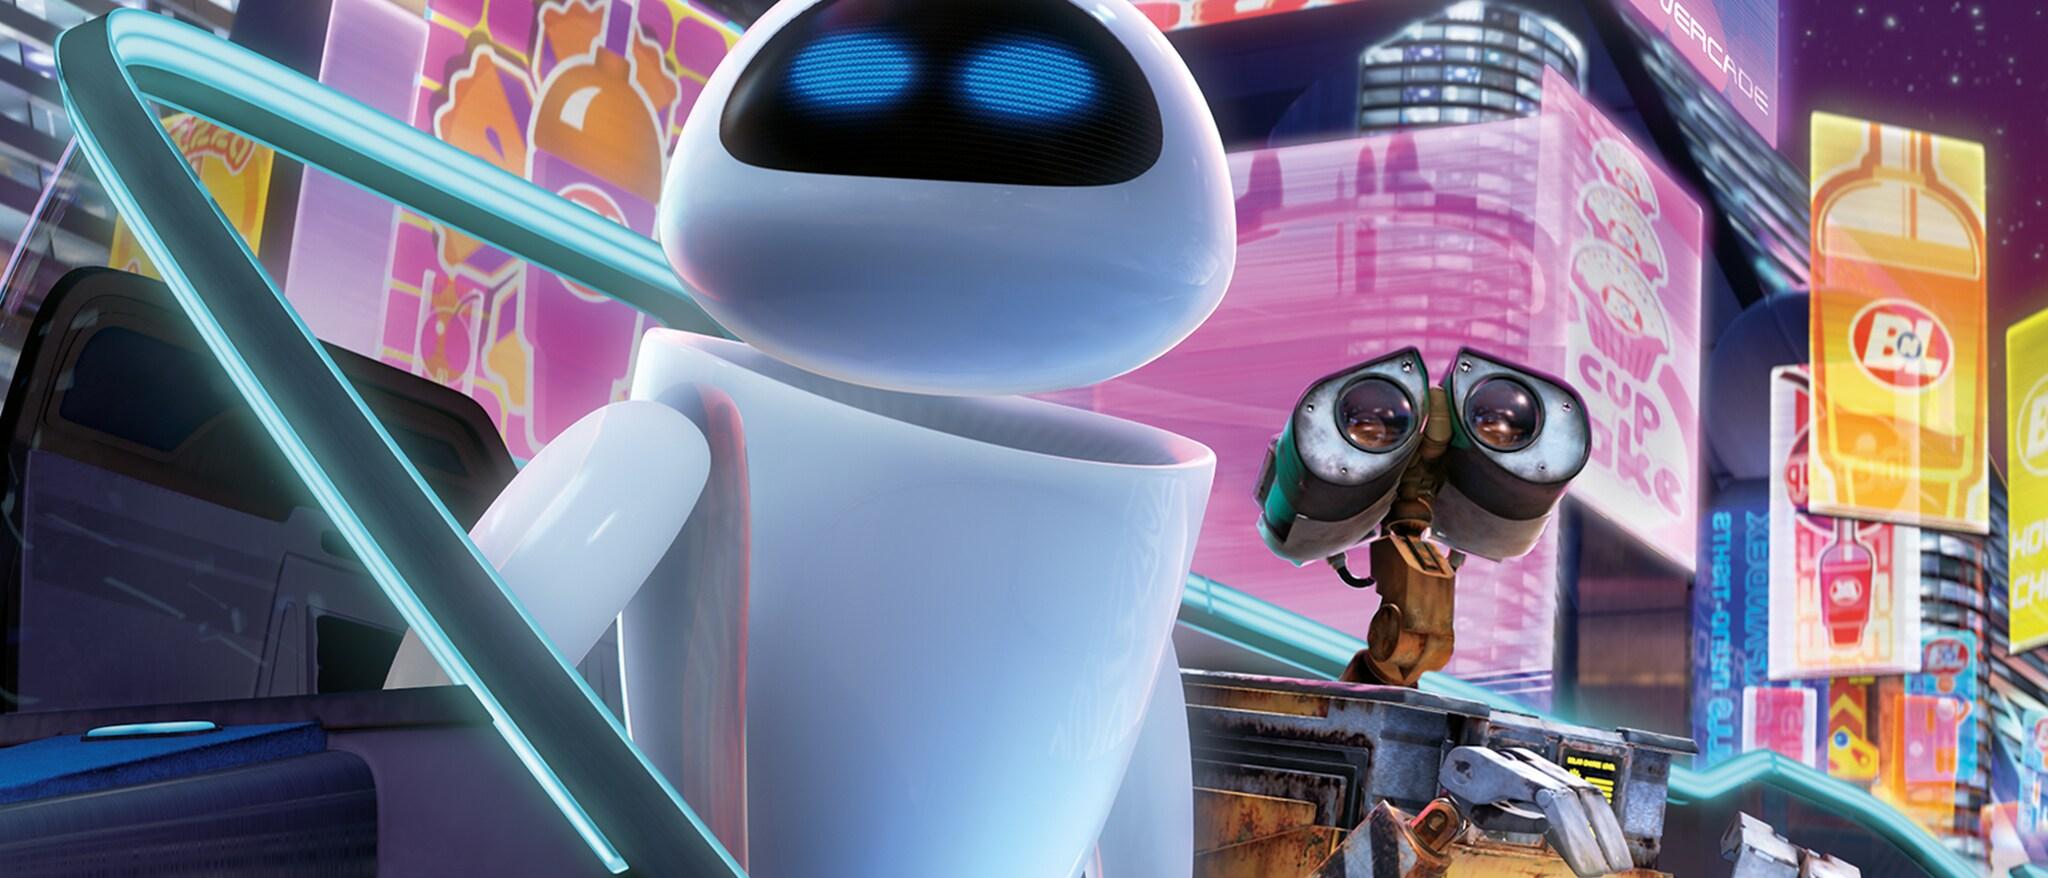 WALL-E Hero